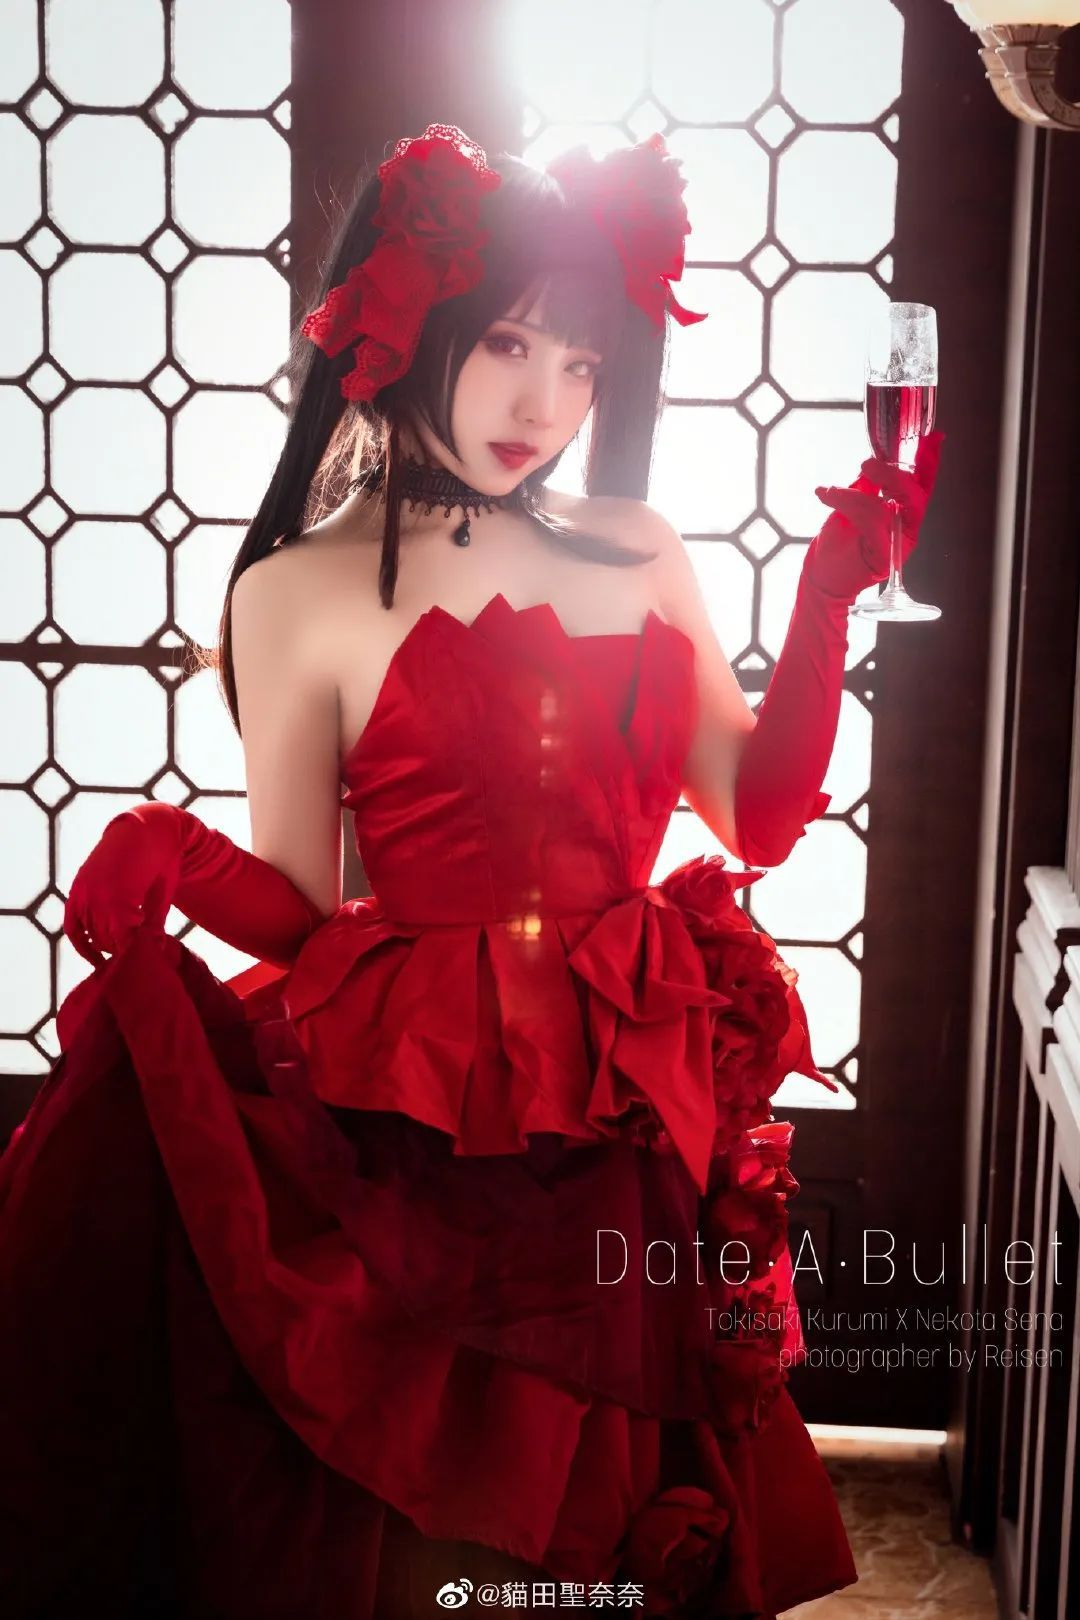 [狂三cosplay]《约会大作战》灵装 时崎狂三(cn:貓田聖奈),肉肉的小姐姐也很美艳_图片 No.1